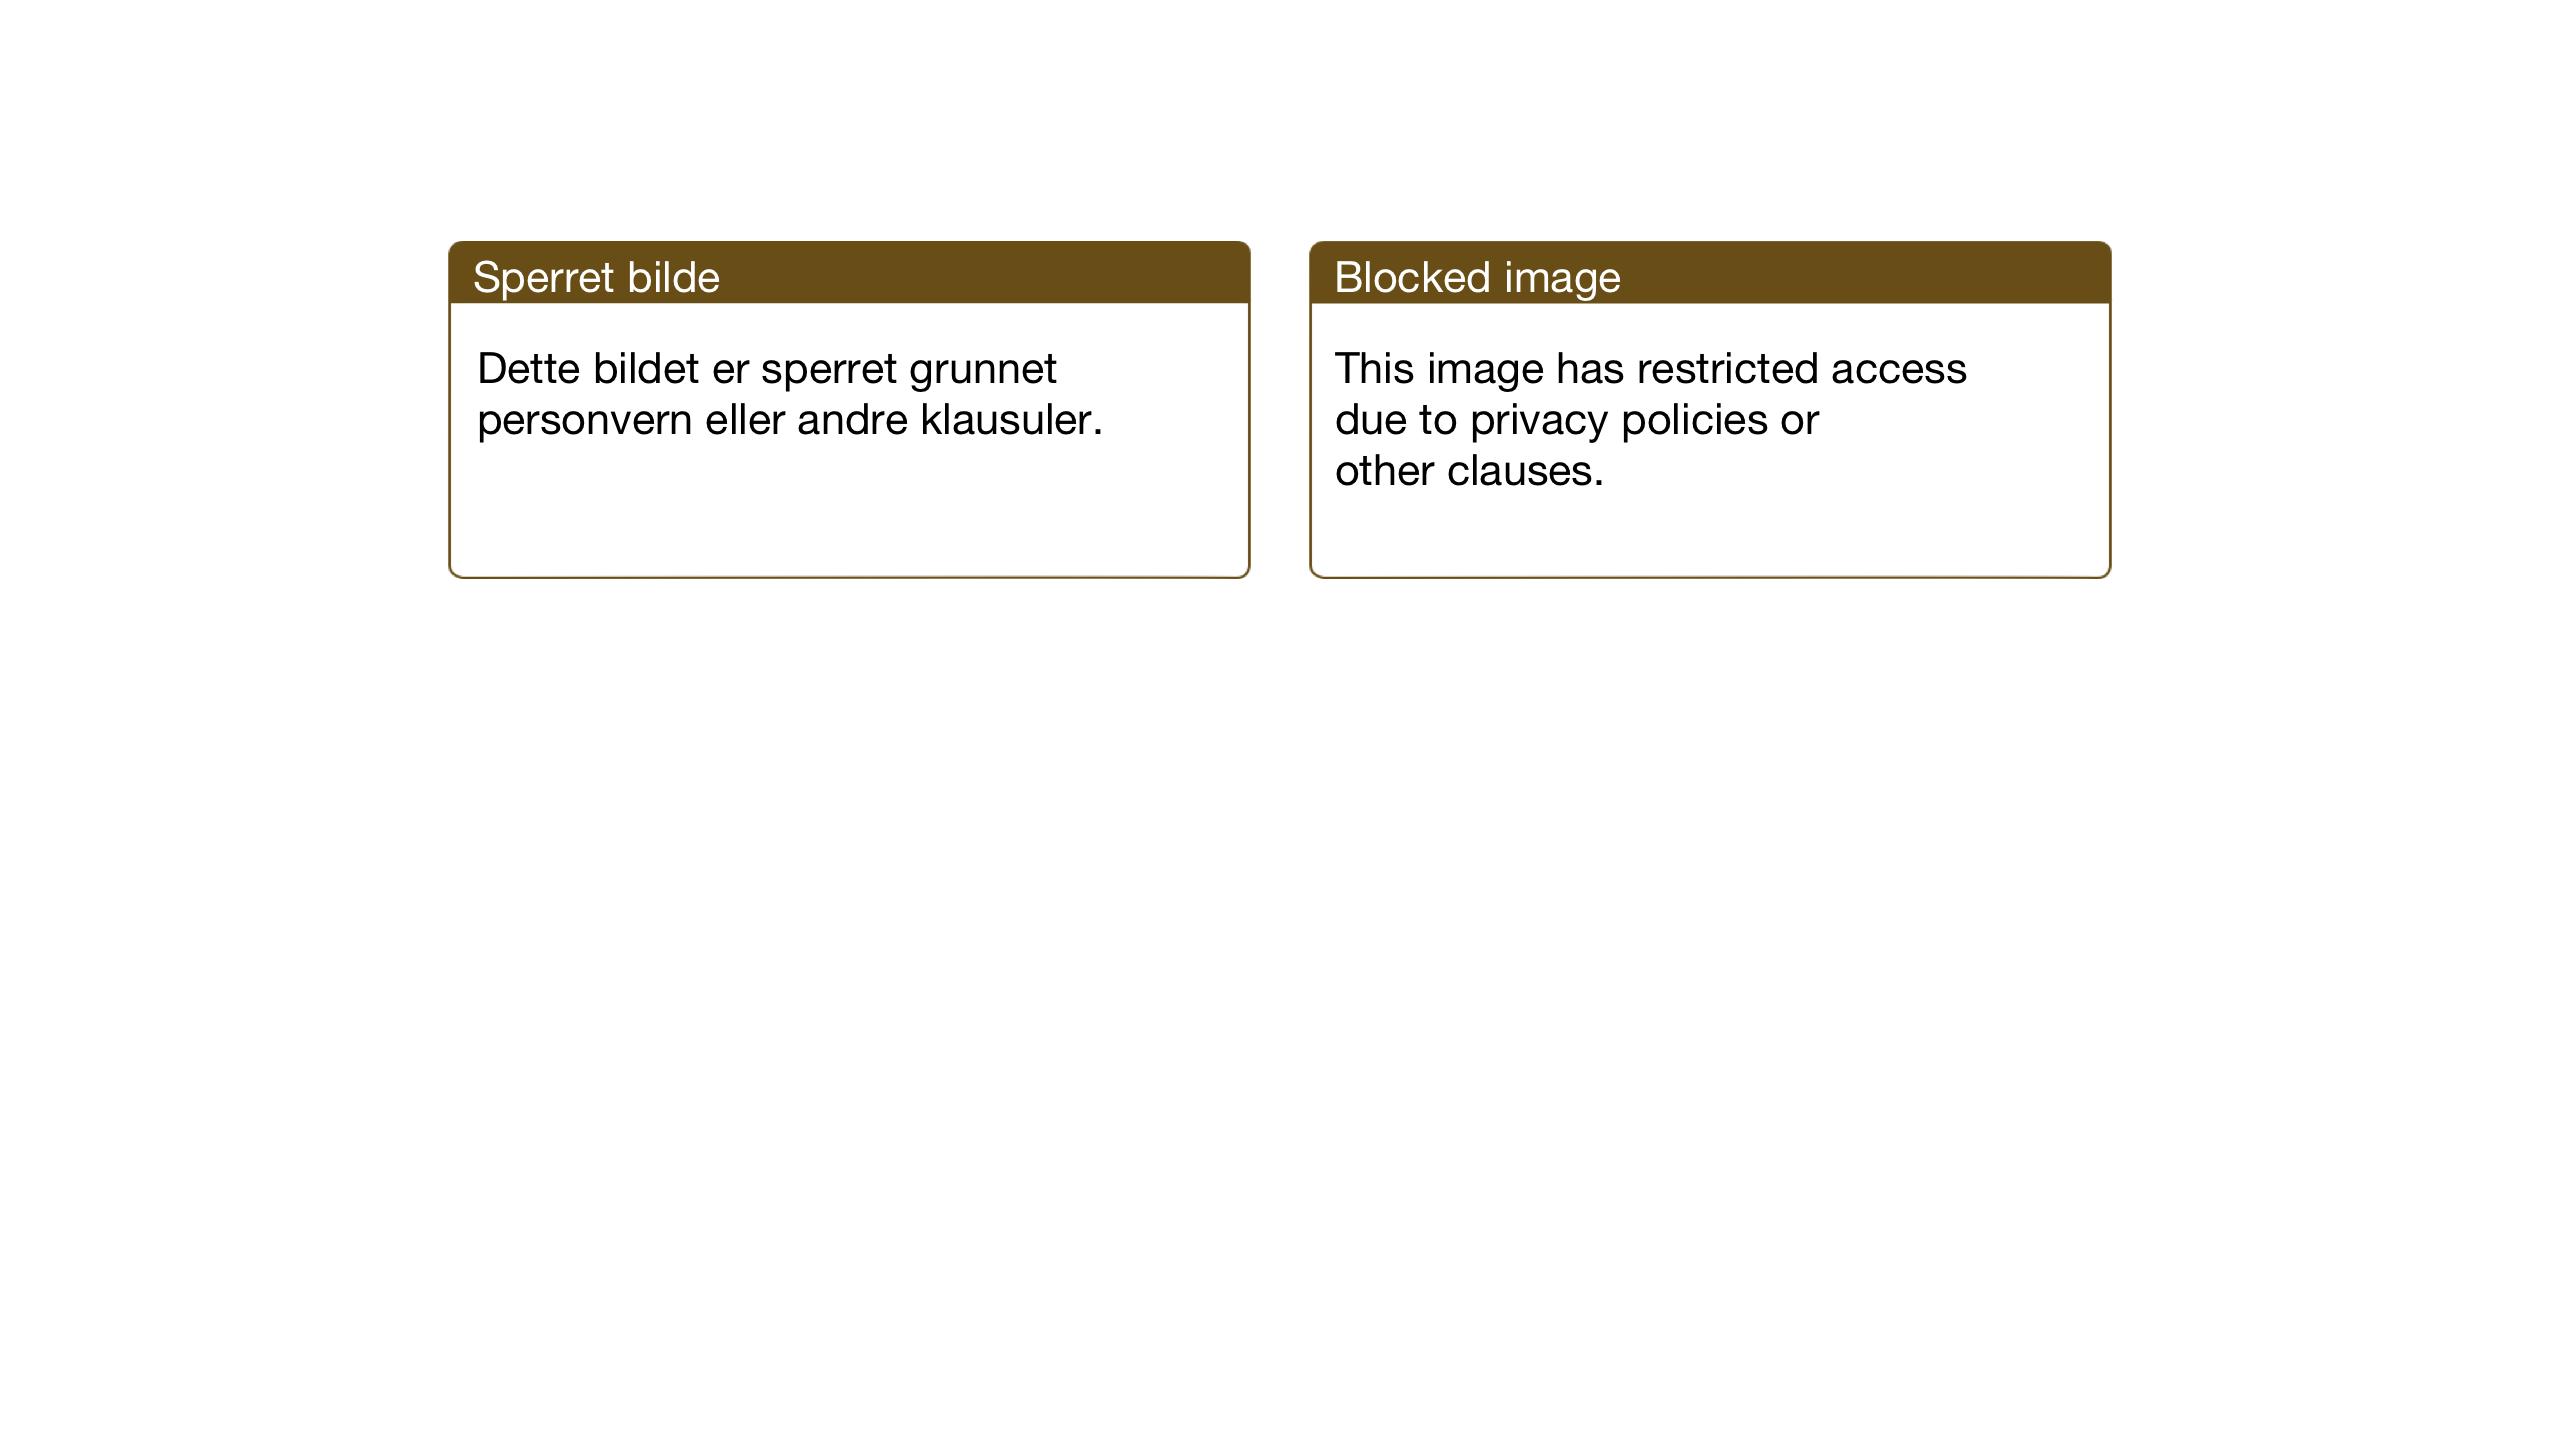 SAT, Ministerialprotokoller, klokkerbøker og fødselsregistre - Nord-Trøndelag, 713/L0125: Klokkerbok nr. 713C02, 1931-1941, s. 16